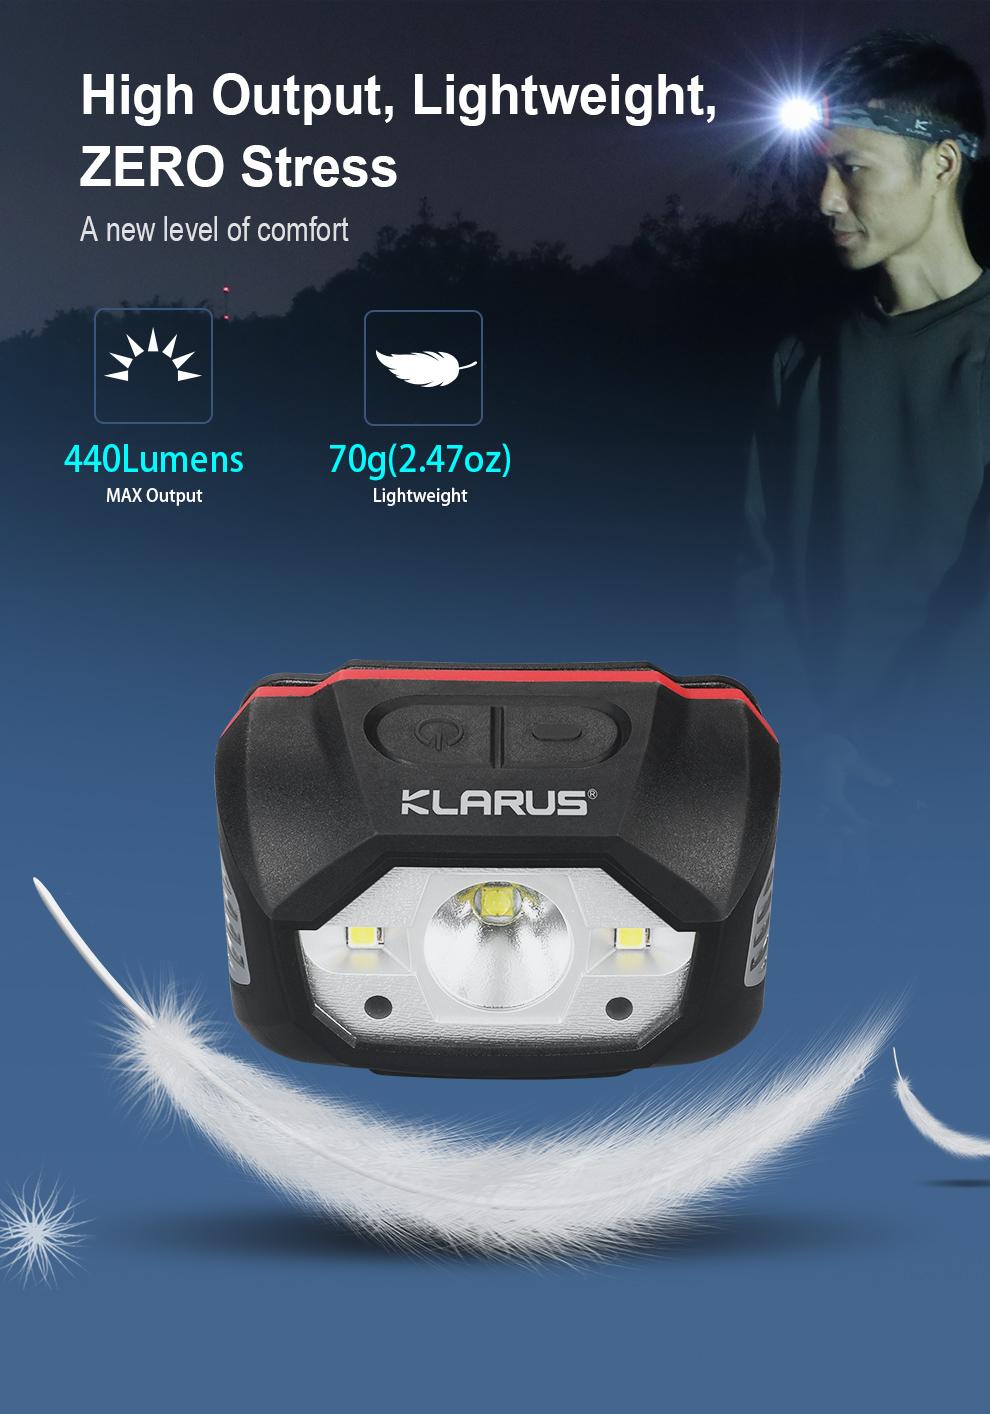 Klarus HM1 Features